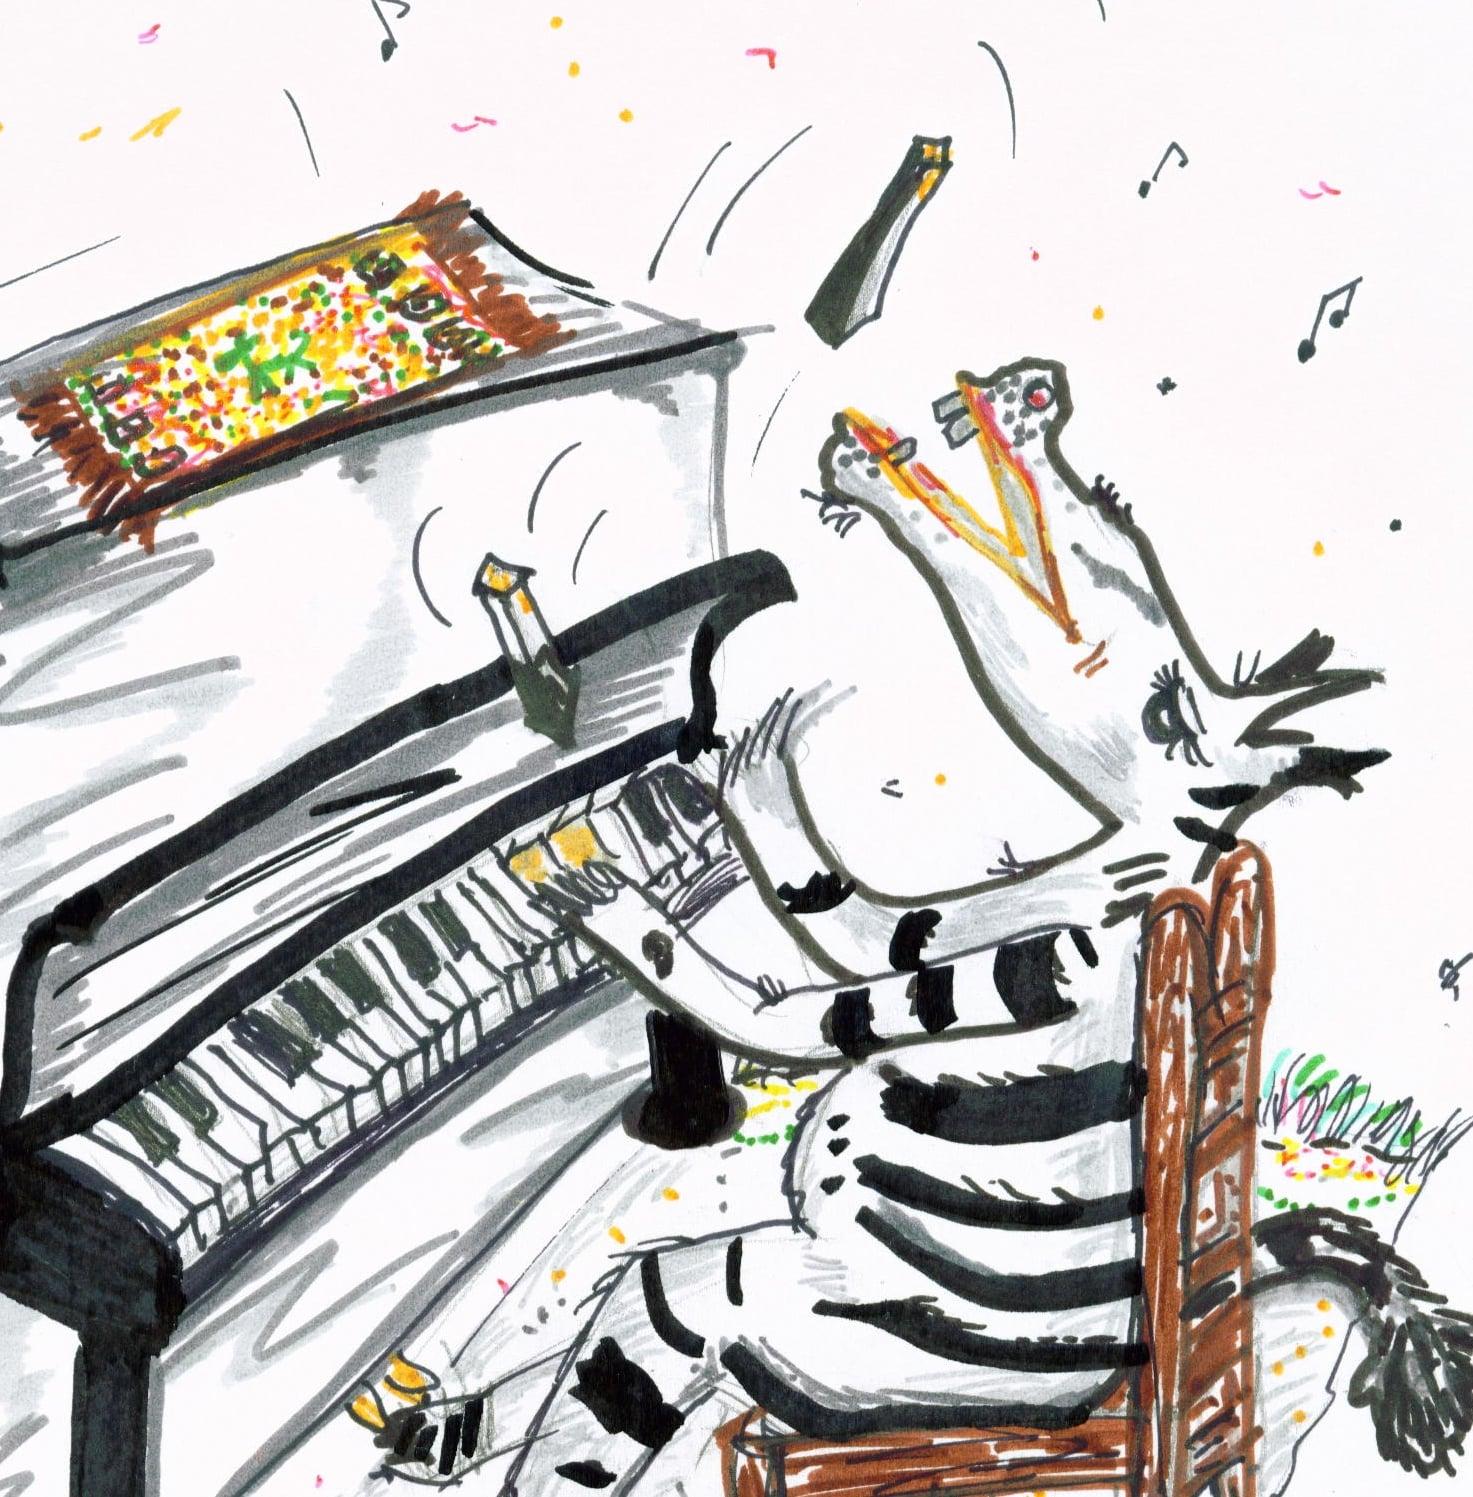 Zebra sitzt am Klavier und wirft Tasten. A. Pape 2004